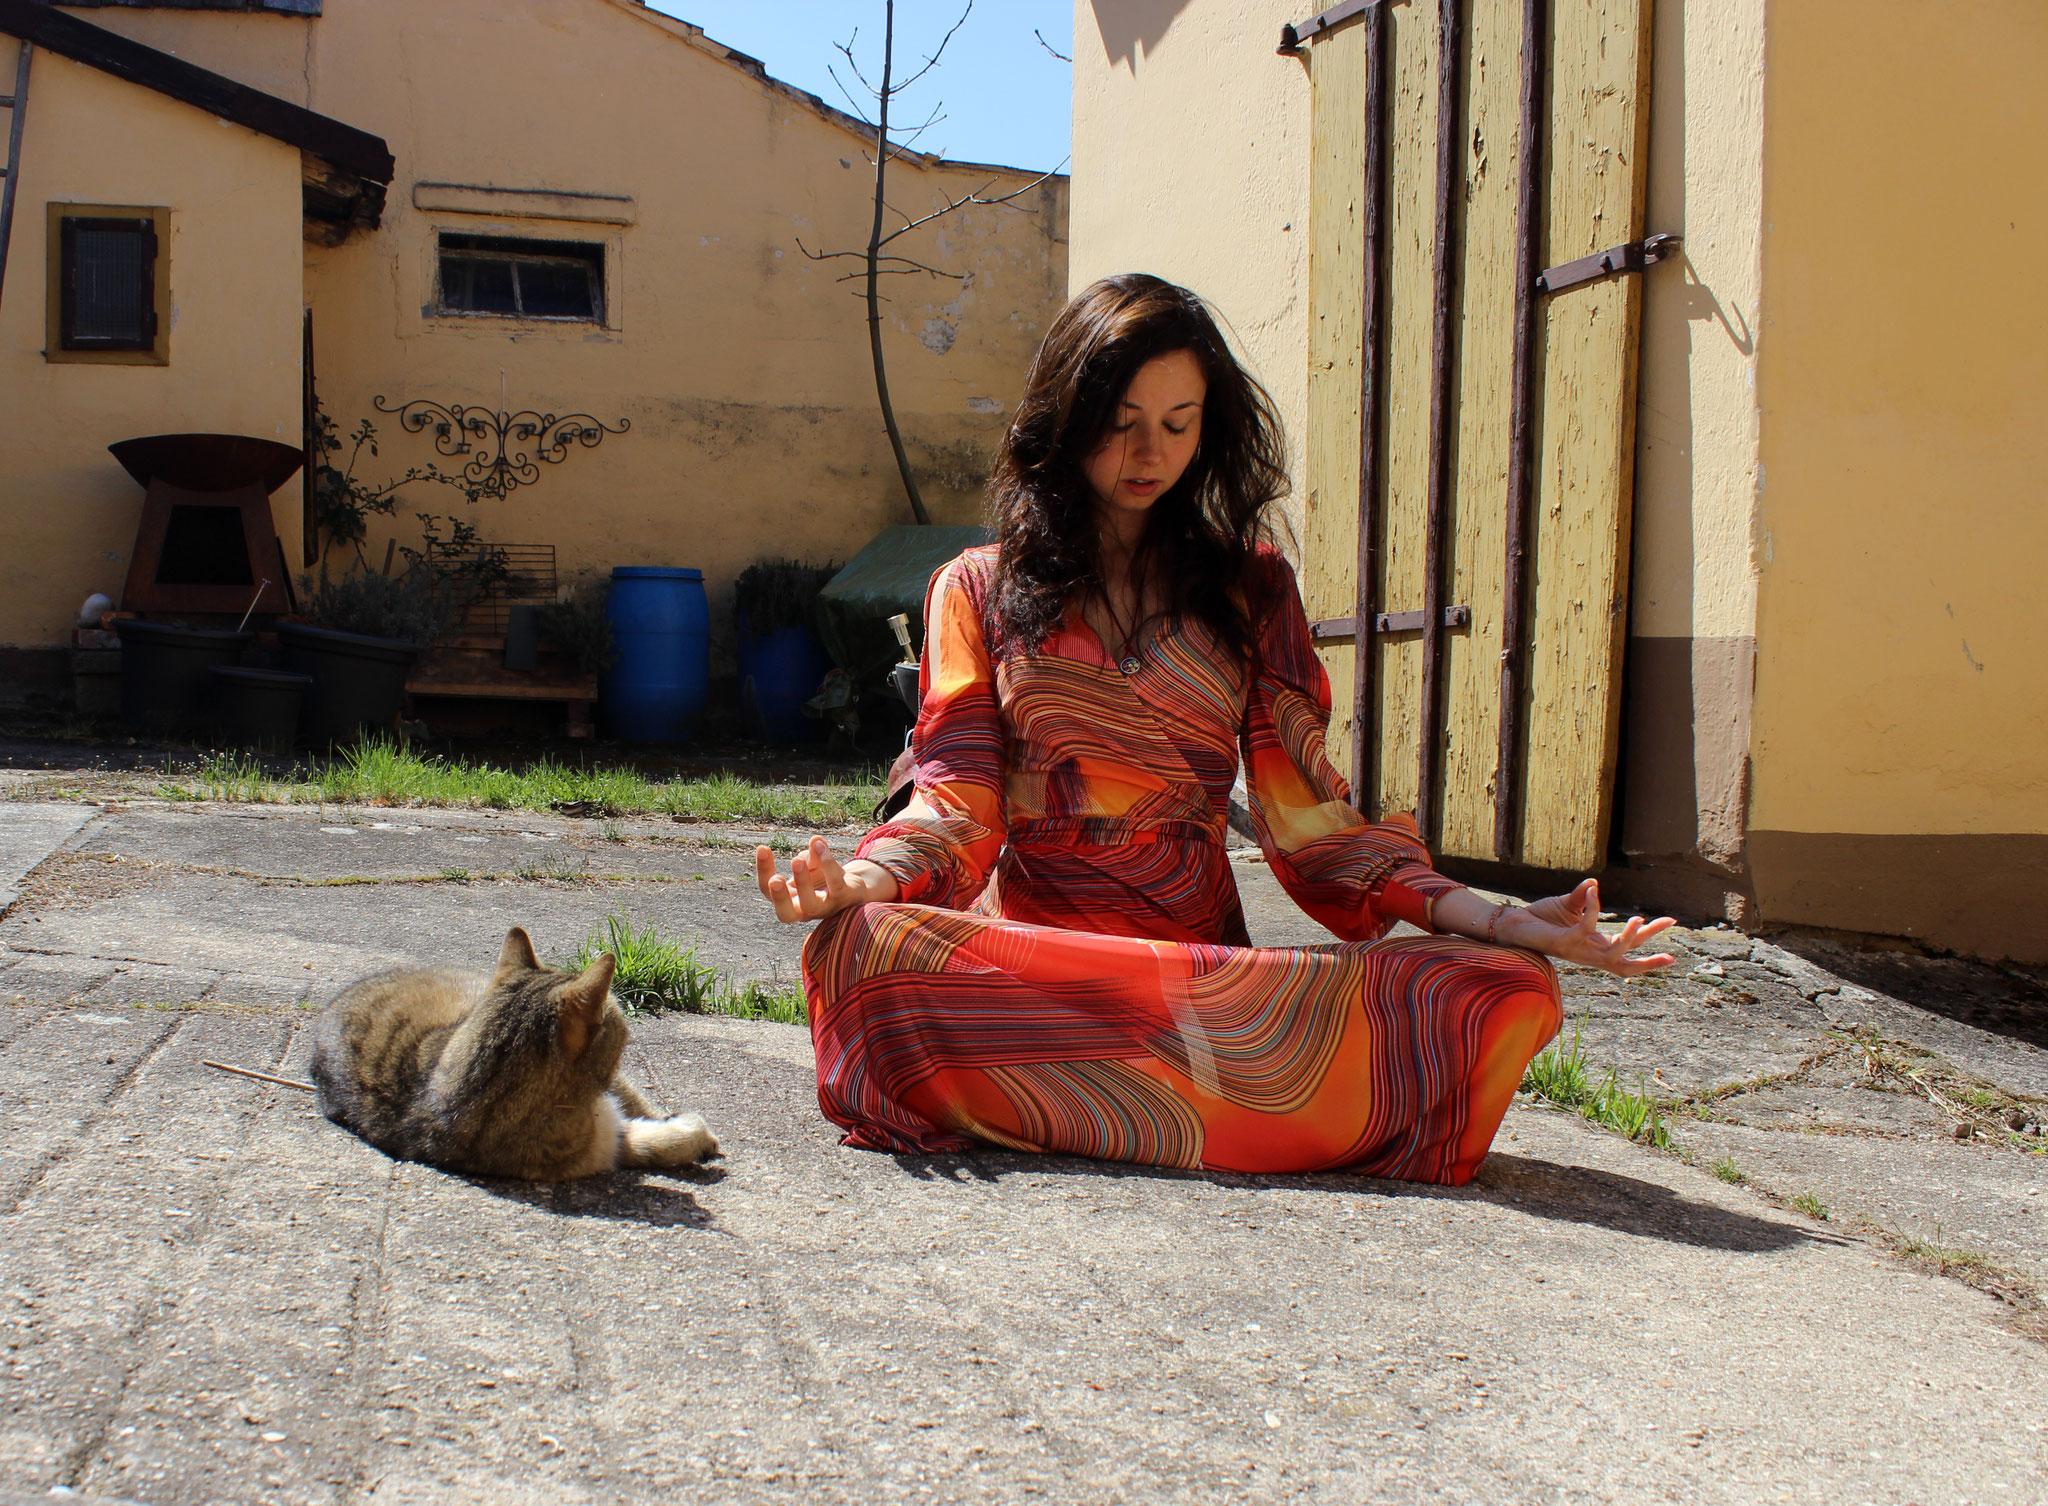 Meditation hilft dir, wieder in Balance zu kommen.